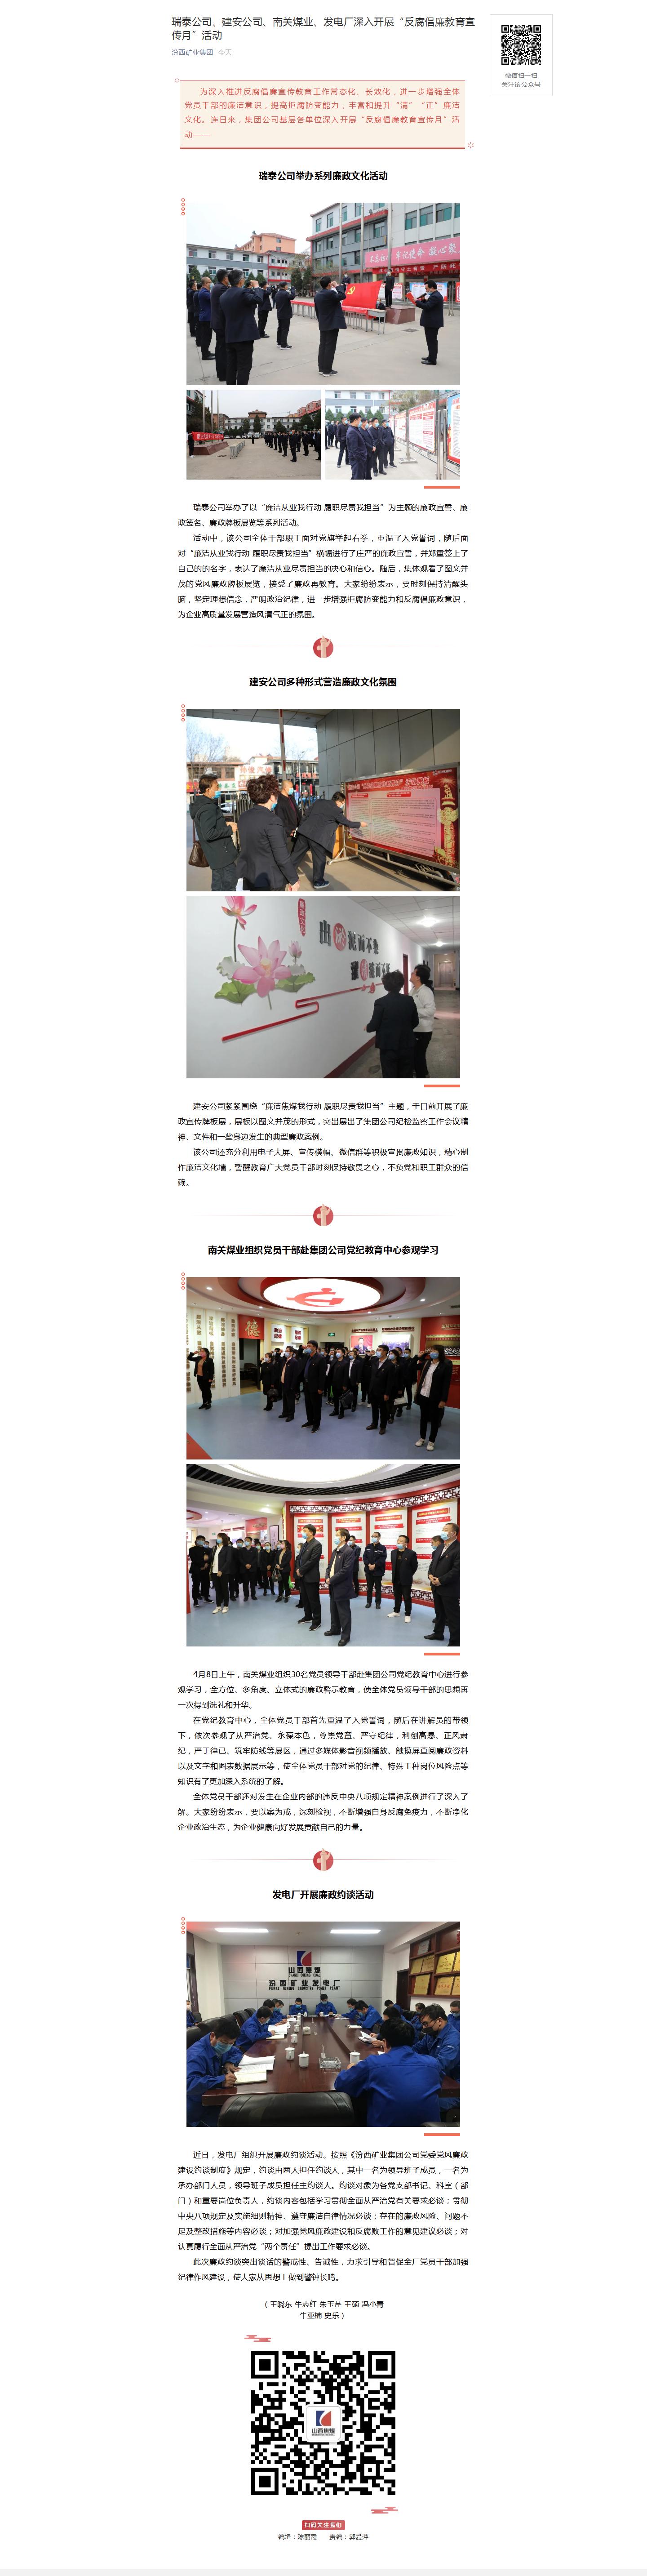 """瑞泰公司、建安公司、南关煤业、发电厂深入开展""""反腐倡廉教育宣传月""""活动.png"""